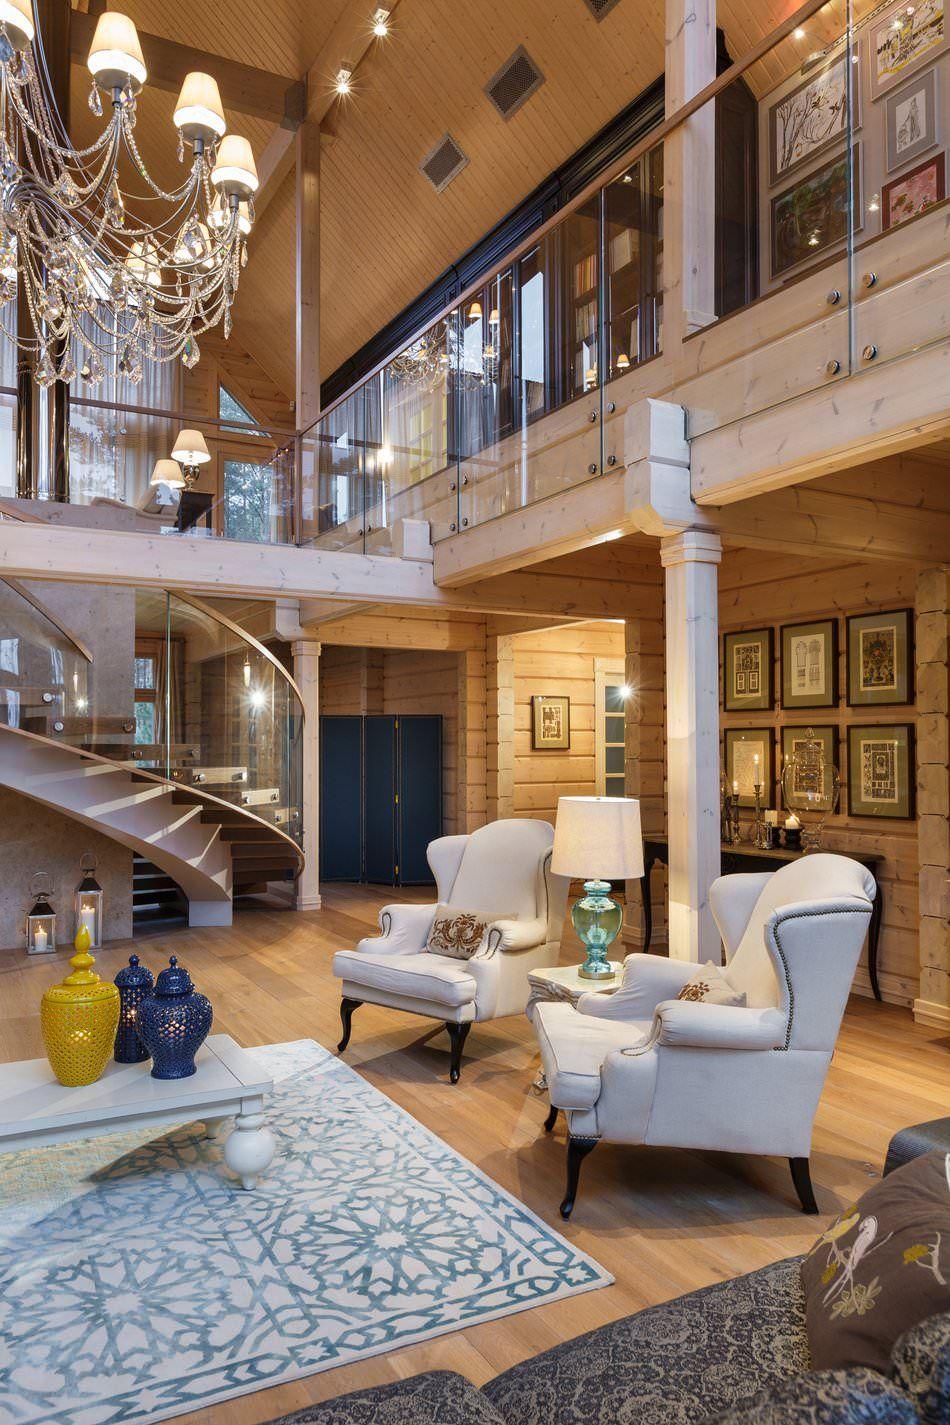 дизайн интерьера дома из клееного бруса Design And Interior в 2019